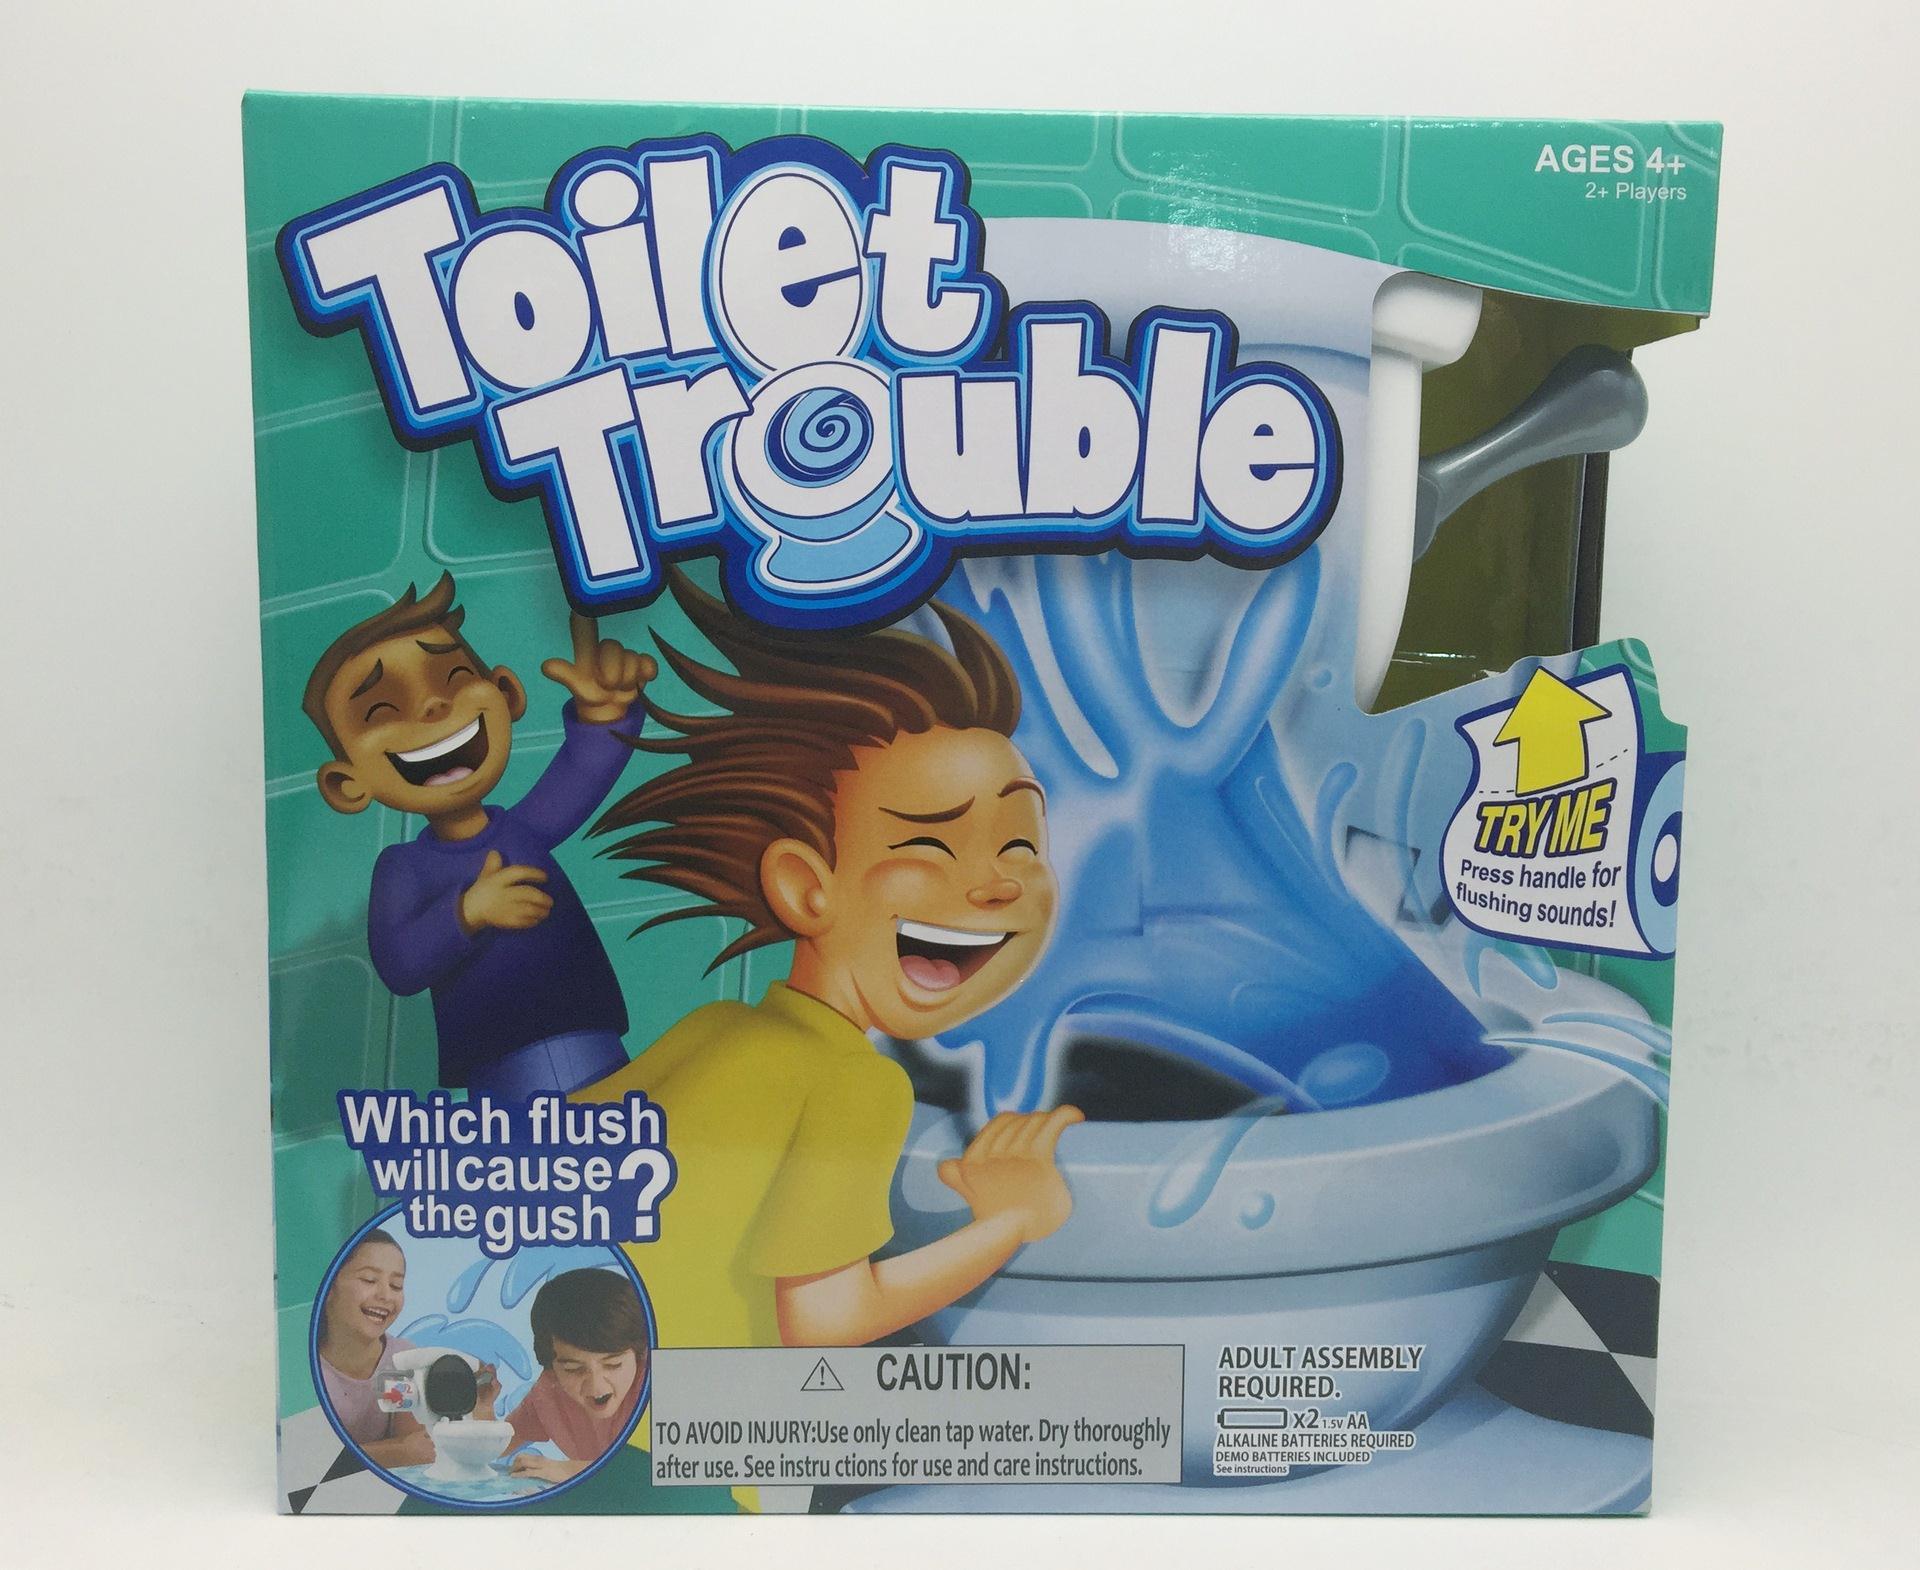 Взрыв моделей целую человек туалет разлетаться, как горячие пирожки туалет база земля безумие вода туалет отцовство интерактивный рабочий стол игра